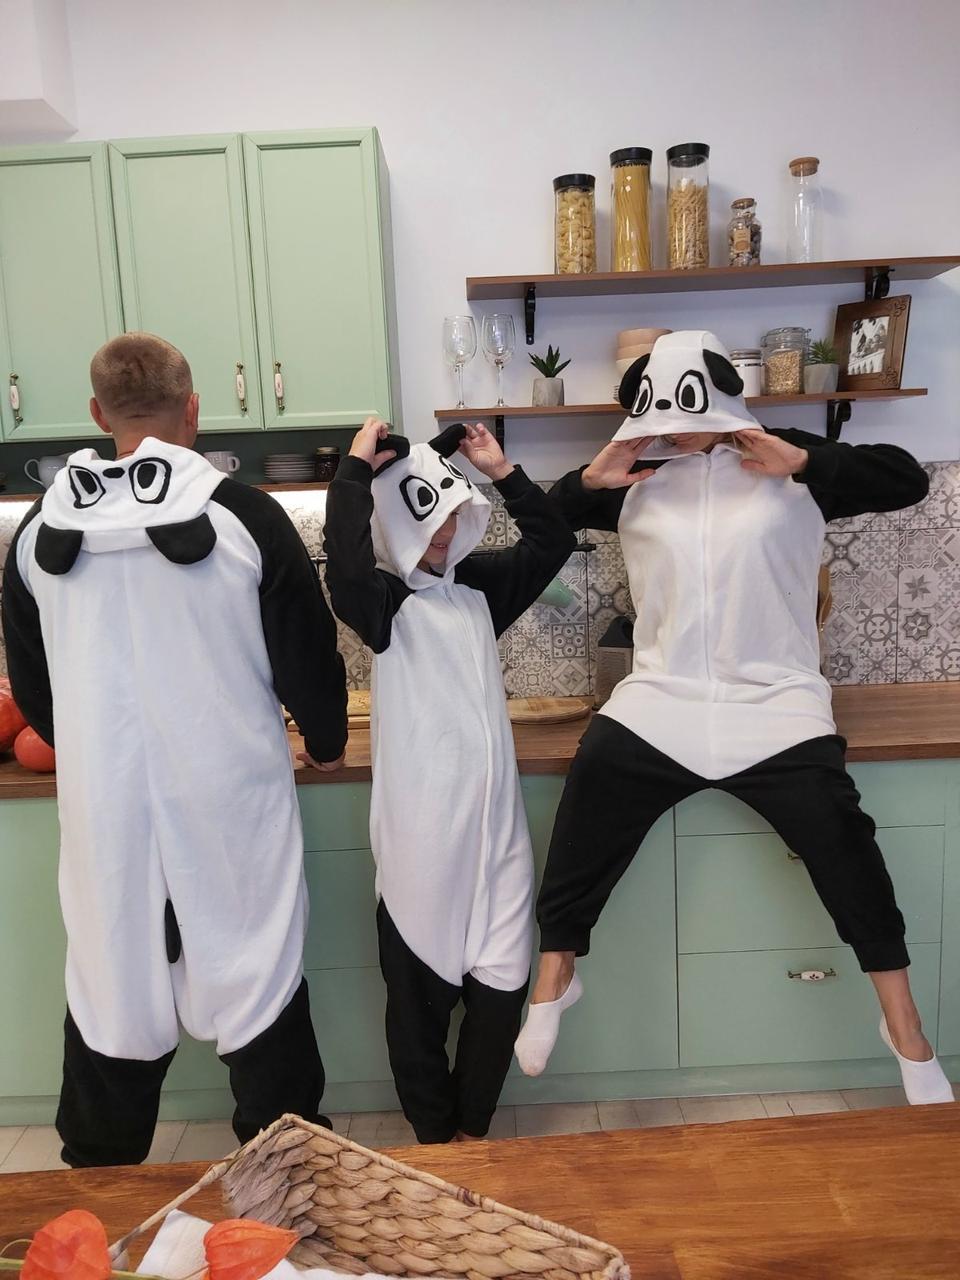 Пижама кигуруми панда украинского производства для детей и взрослых Размер 181-200+ см